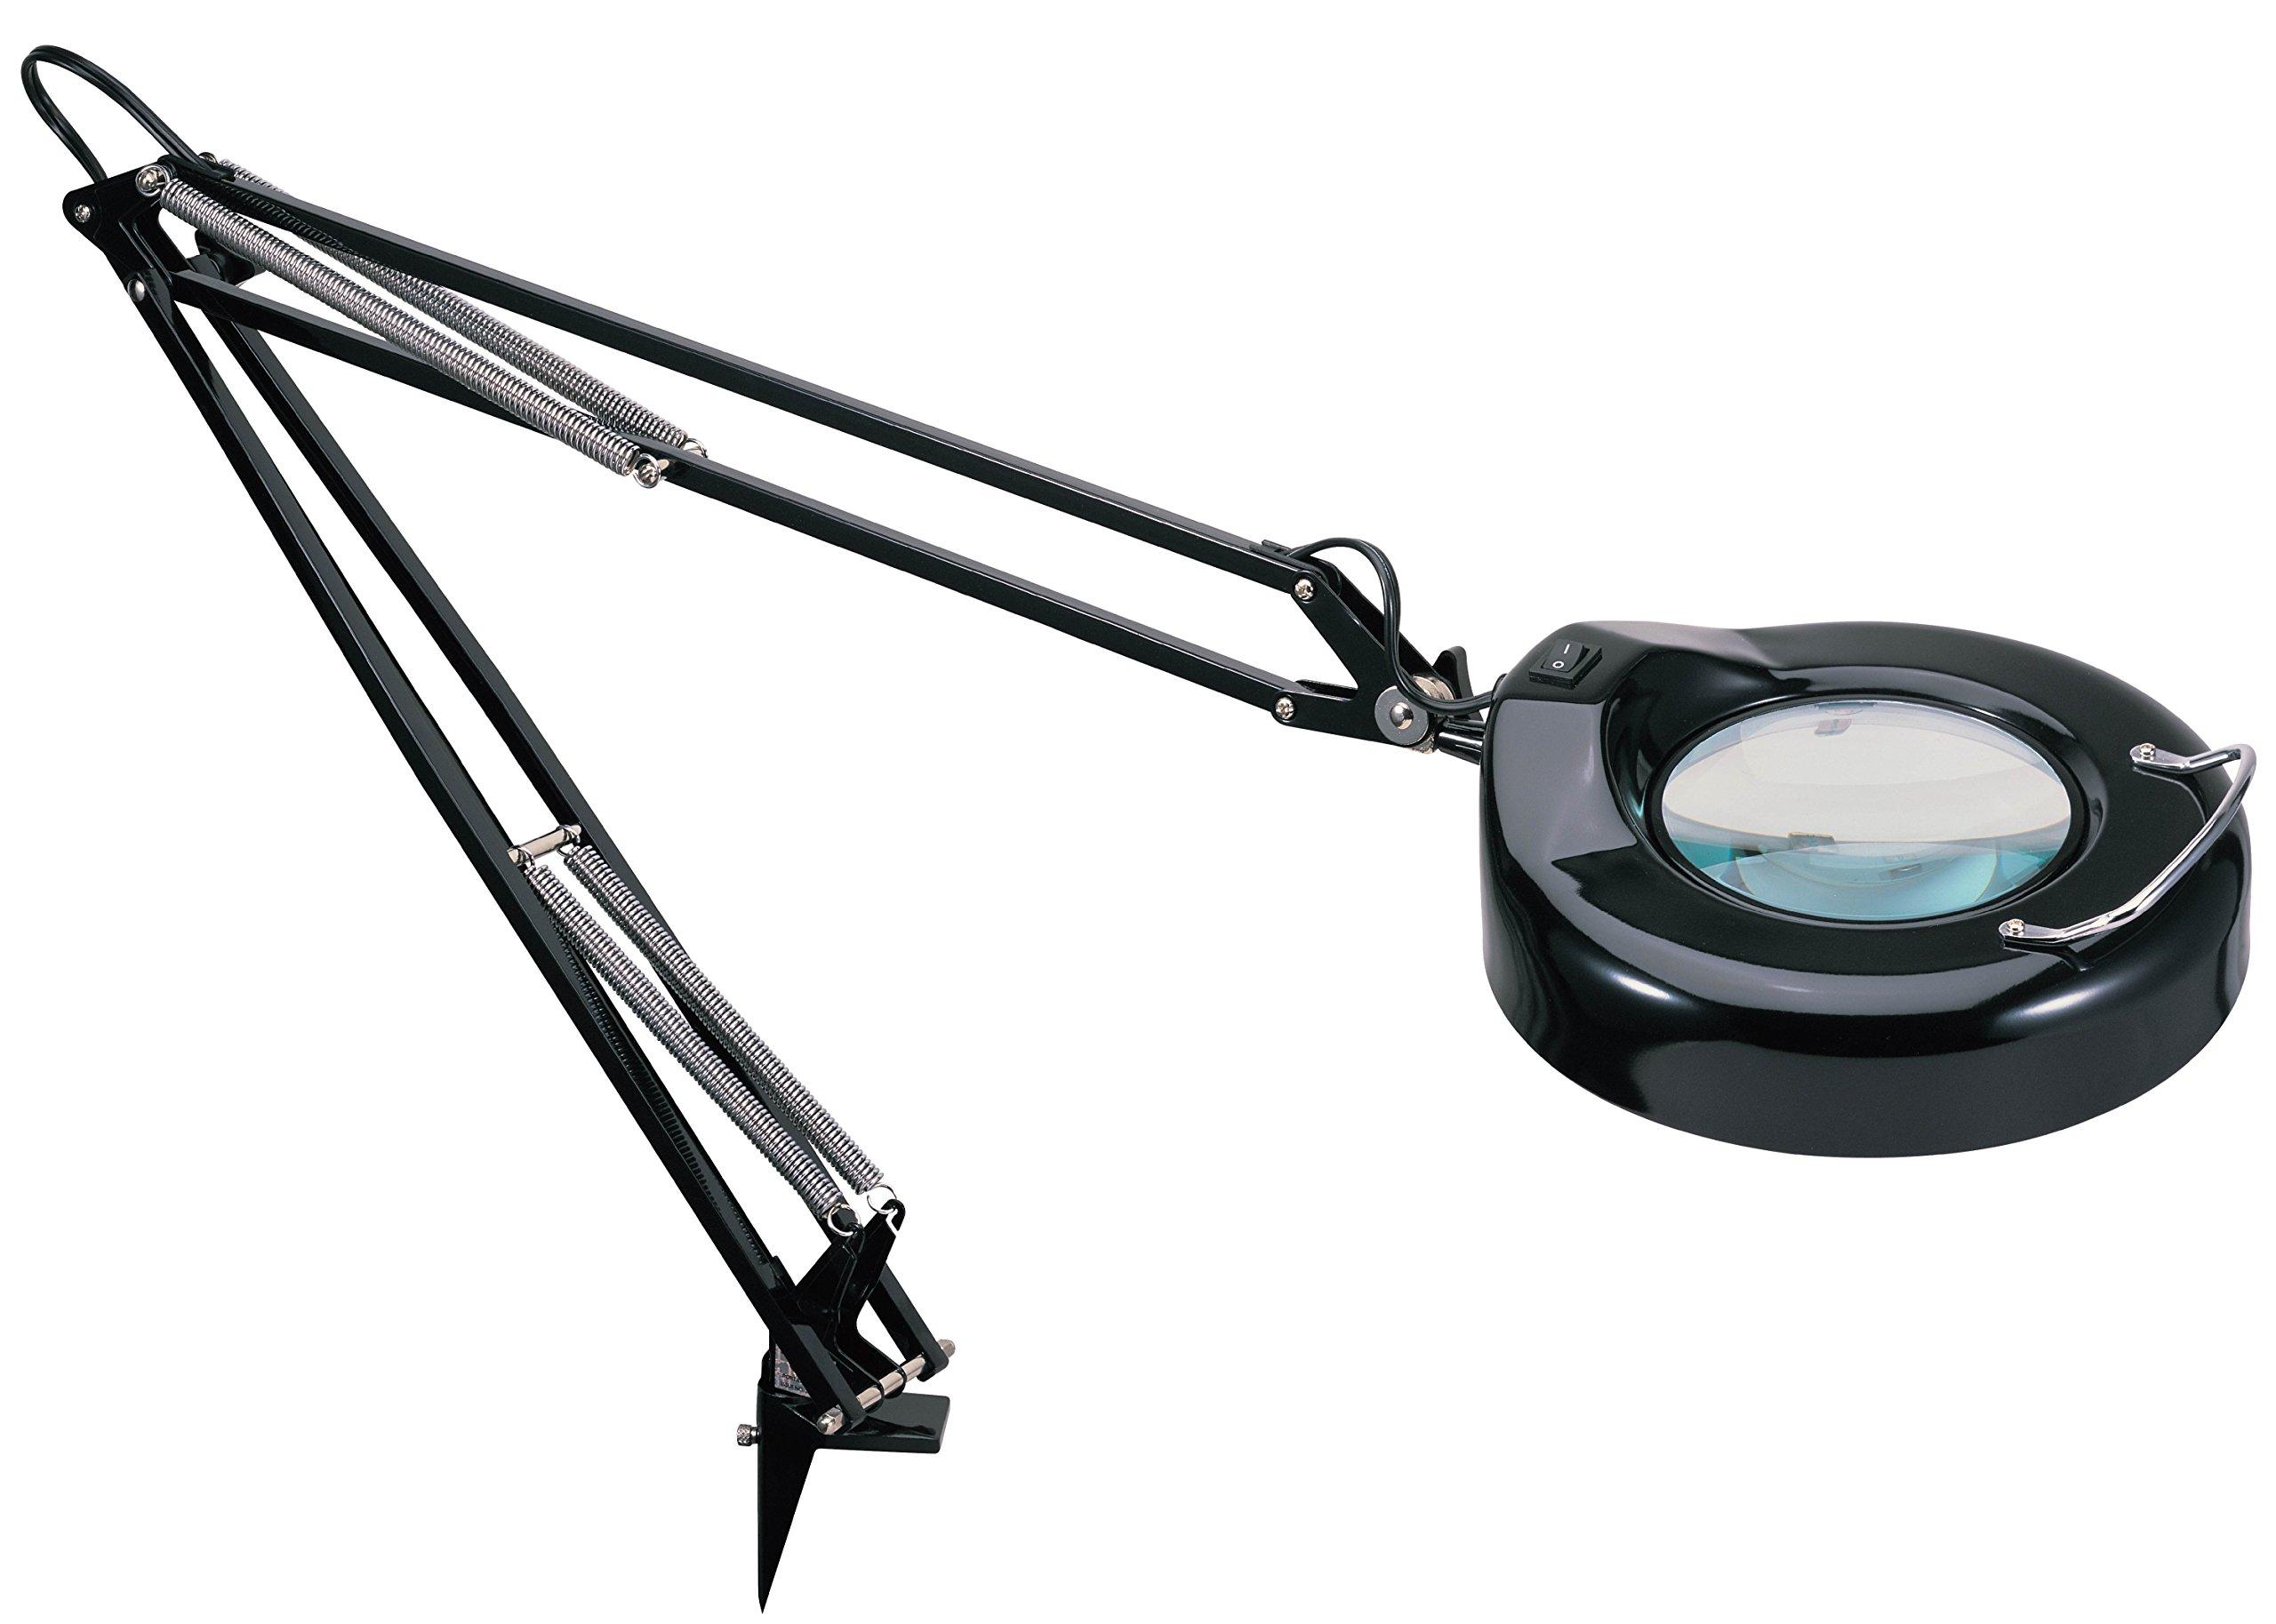 V-LIGHT Magnifying Lamp Task Lamp, Black (VS103B5) by V- Light (Image #2)